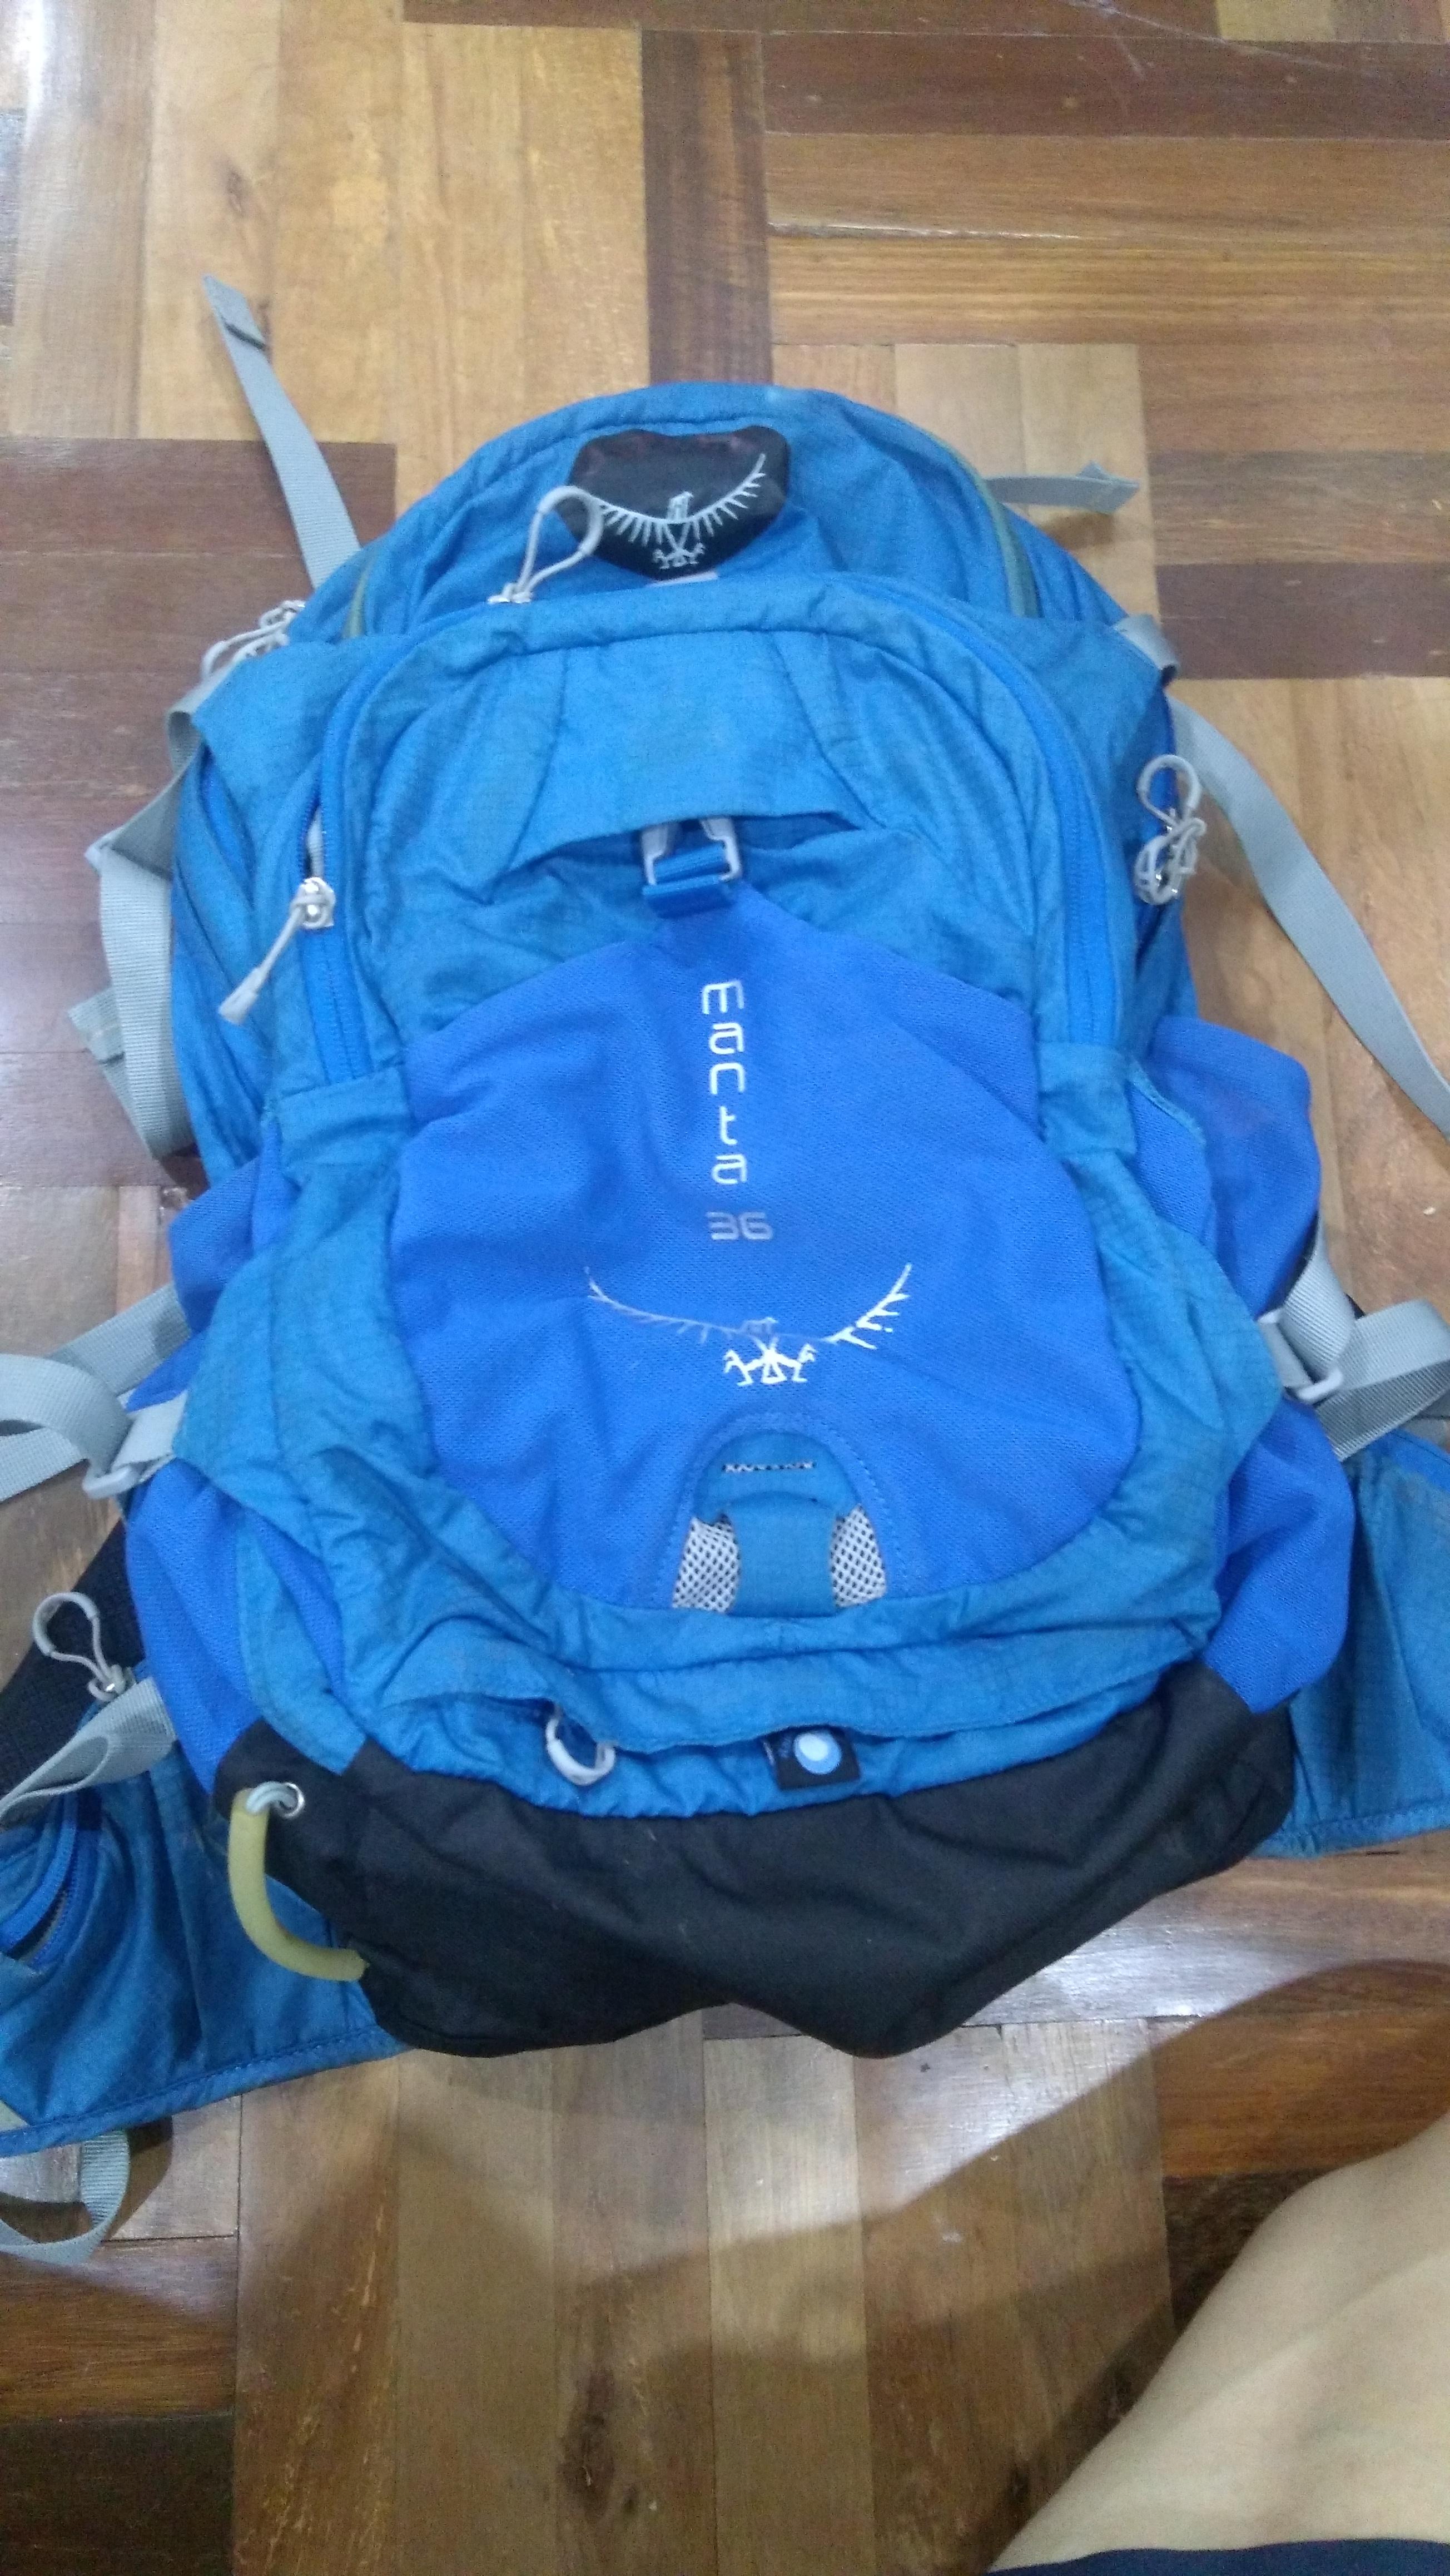 (สินค้ามือสอง)กระเป๋าเป้ backpack สำหรับขี่จักรยาน osprey manta 36 สีฟ้า sm